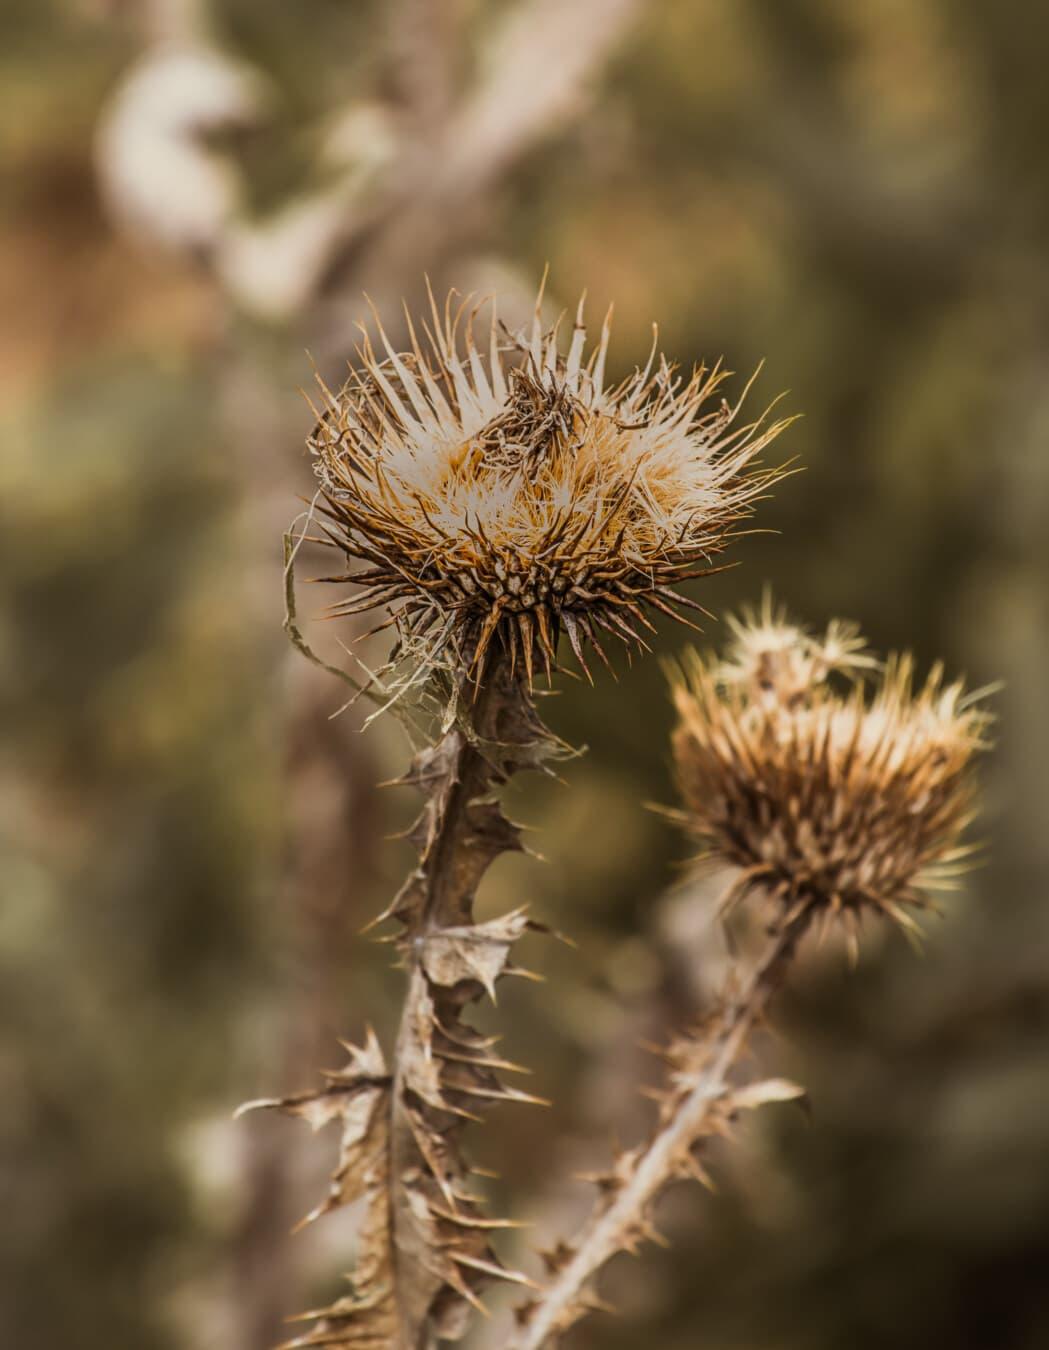 Unkraut, Trockenzeit, scharfe, aus nächster Nähe, trocken, im freien, Natur, Anlage, Flora, Sommer